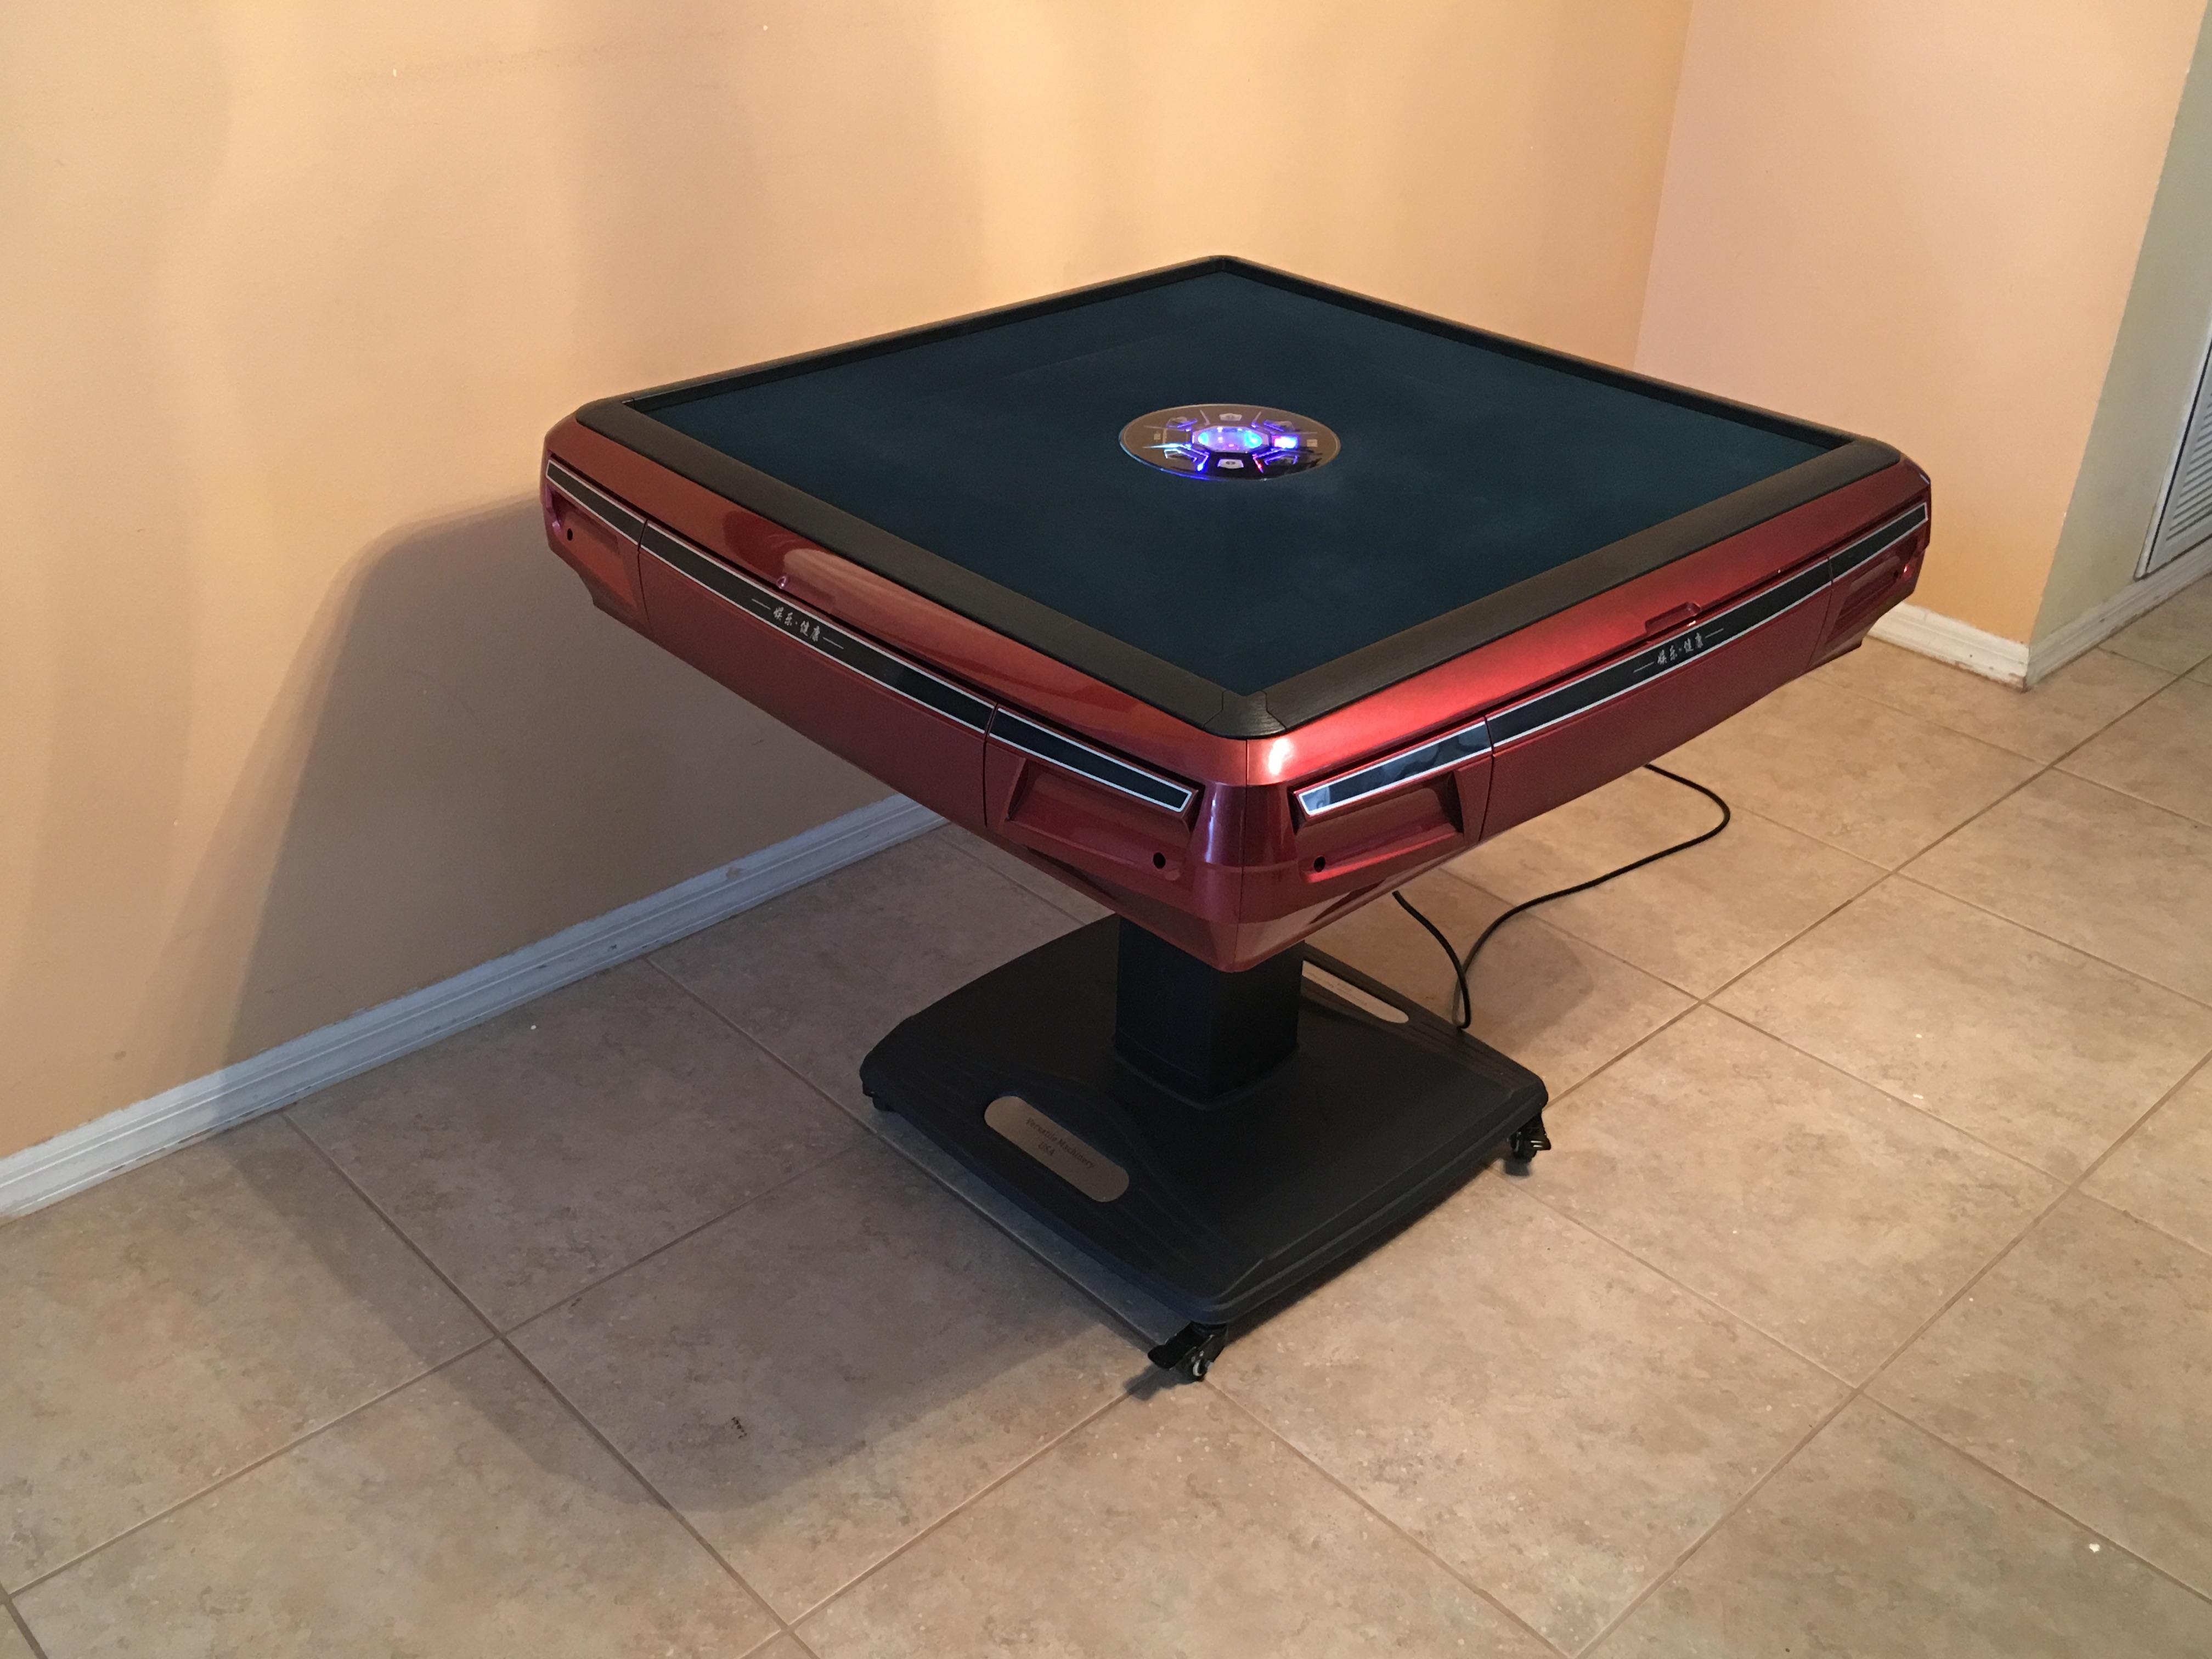 Chinese Automatic Mahjong Table Majiang Table éº å°†æ¡Œ